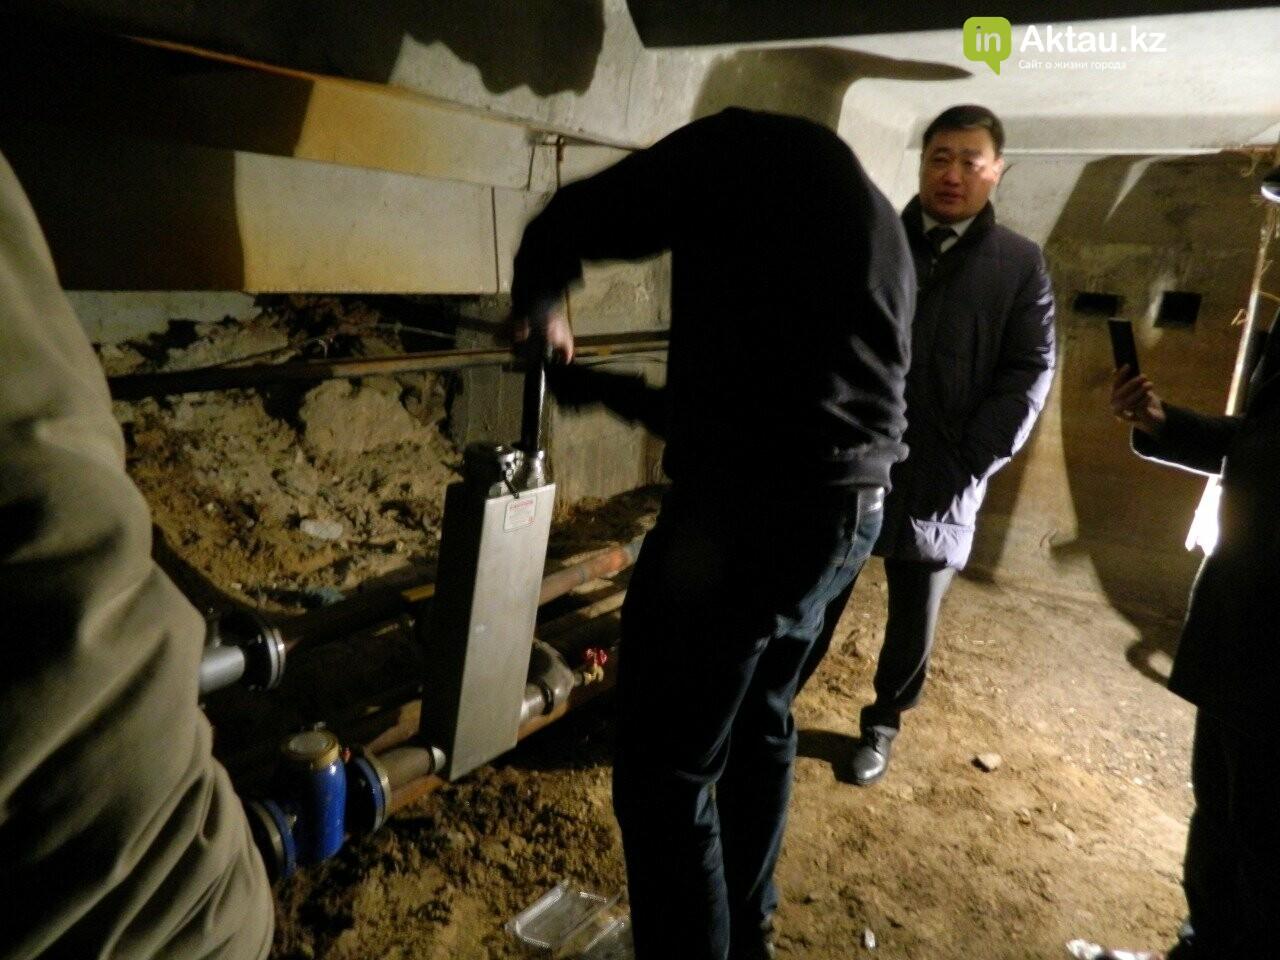 Новейшие технологии: в жилом доме Актау установили магнитный очиститель воды, фото-7